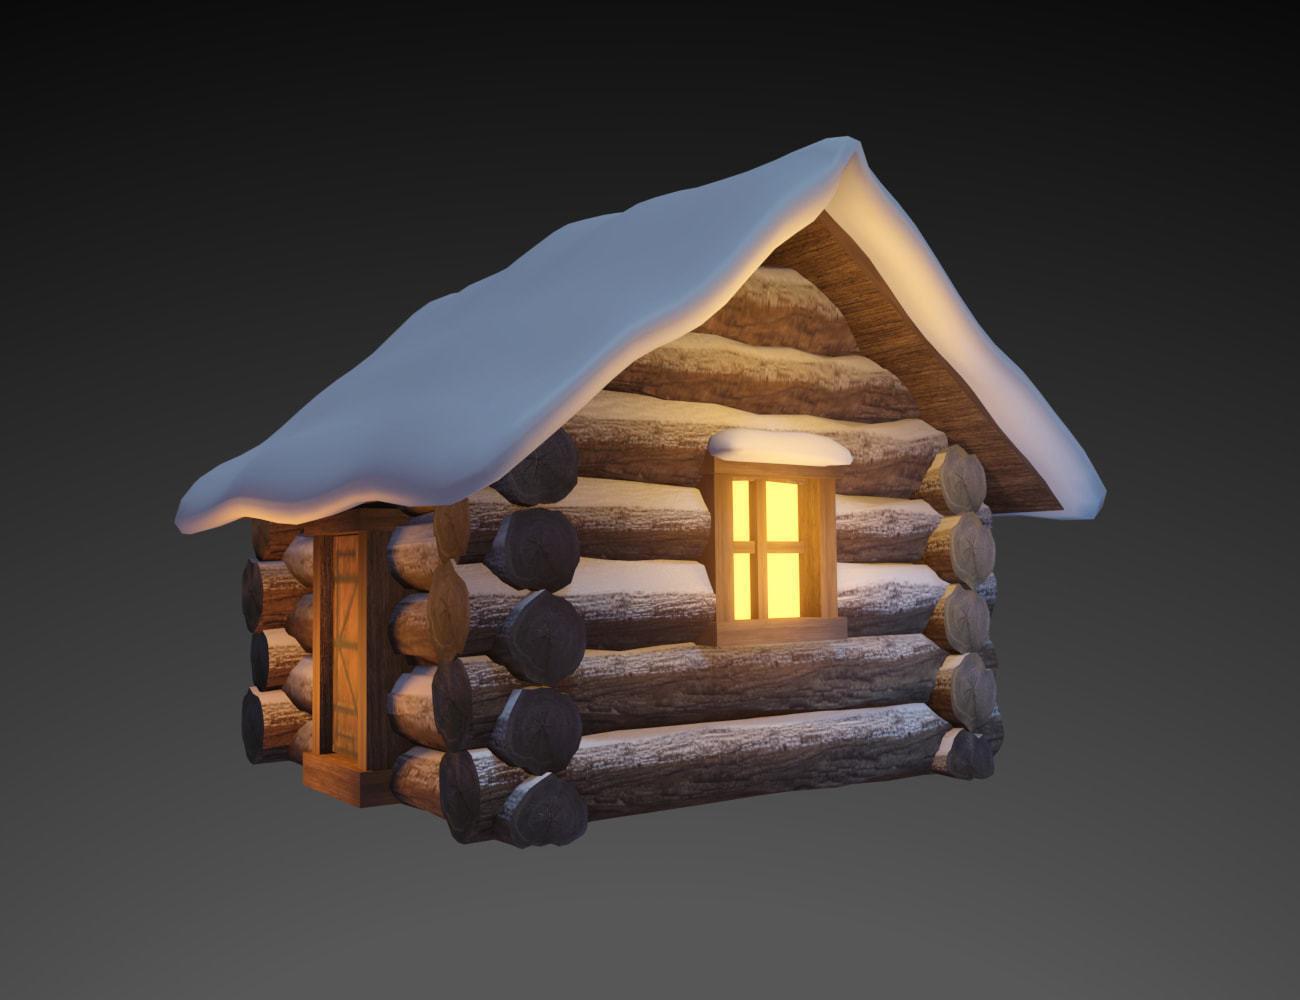 Snowy Wooden Hut